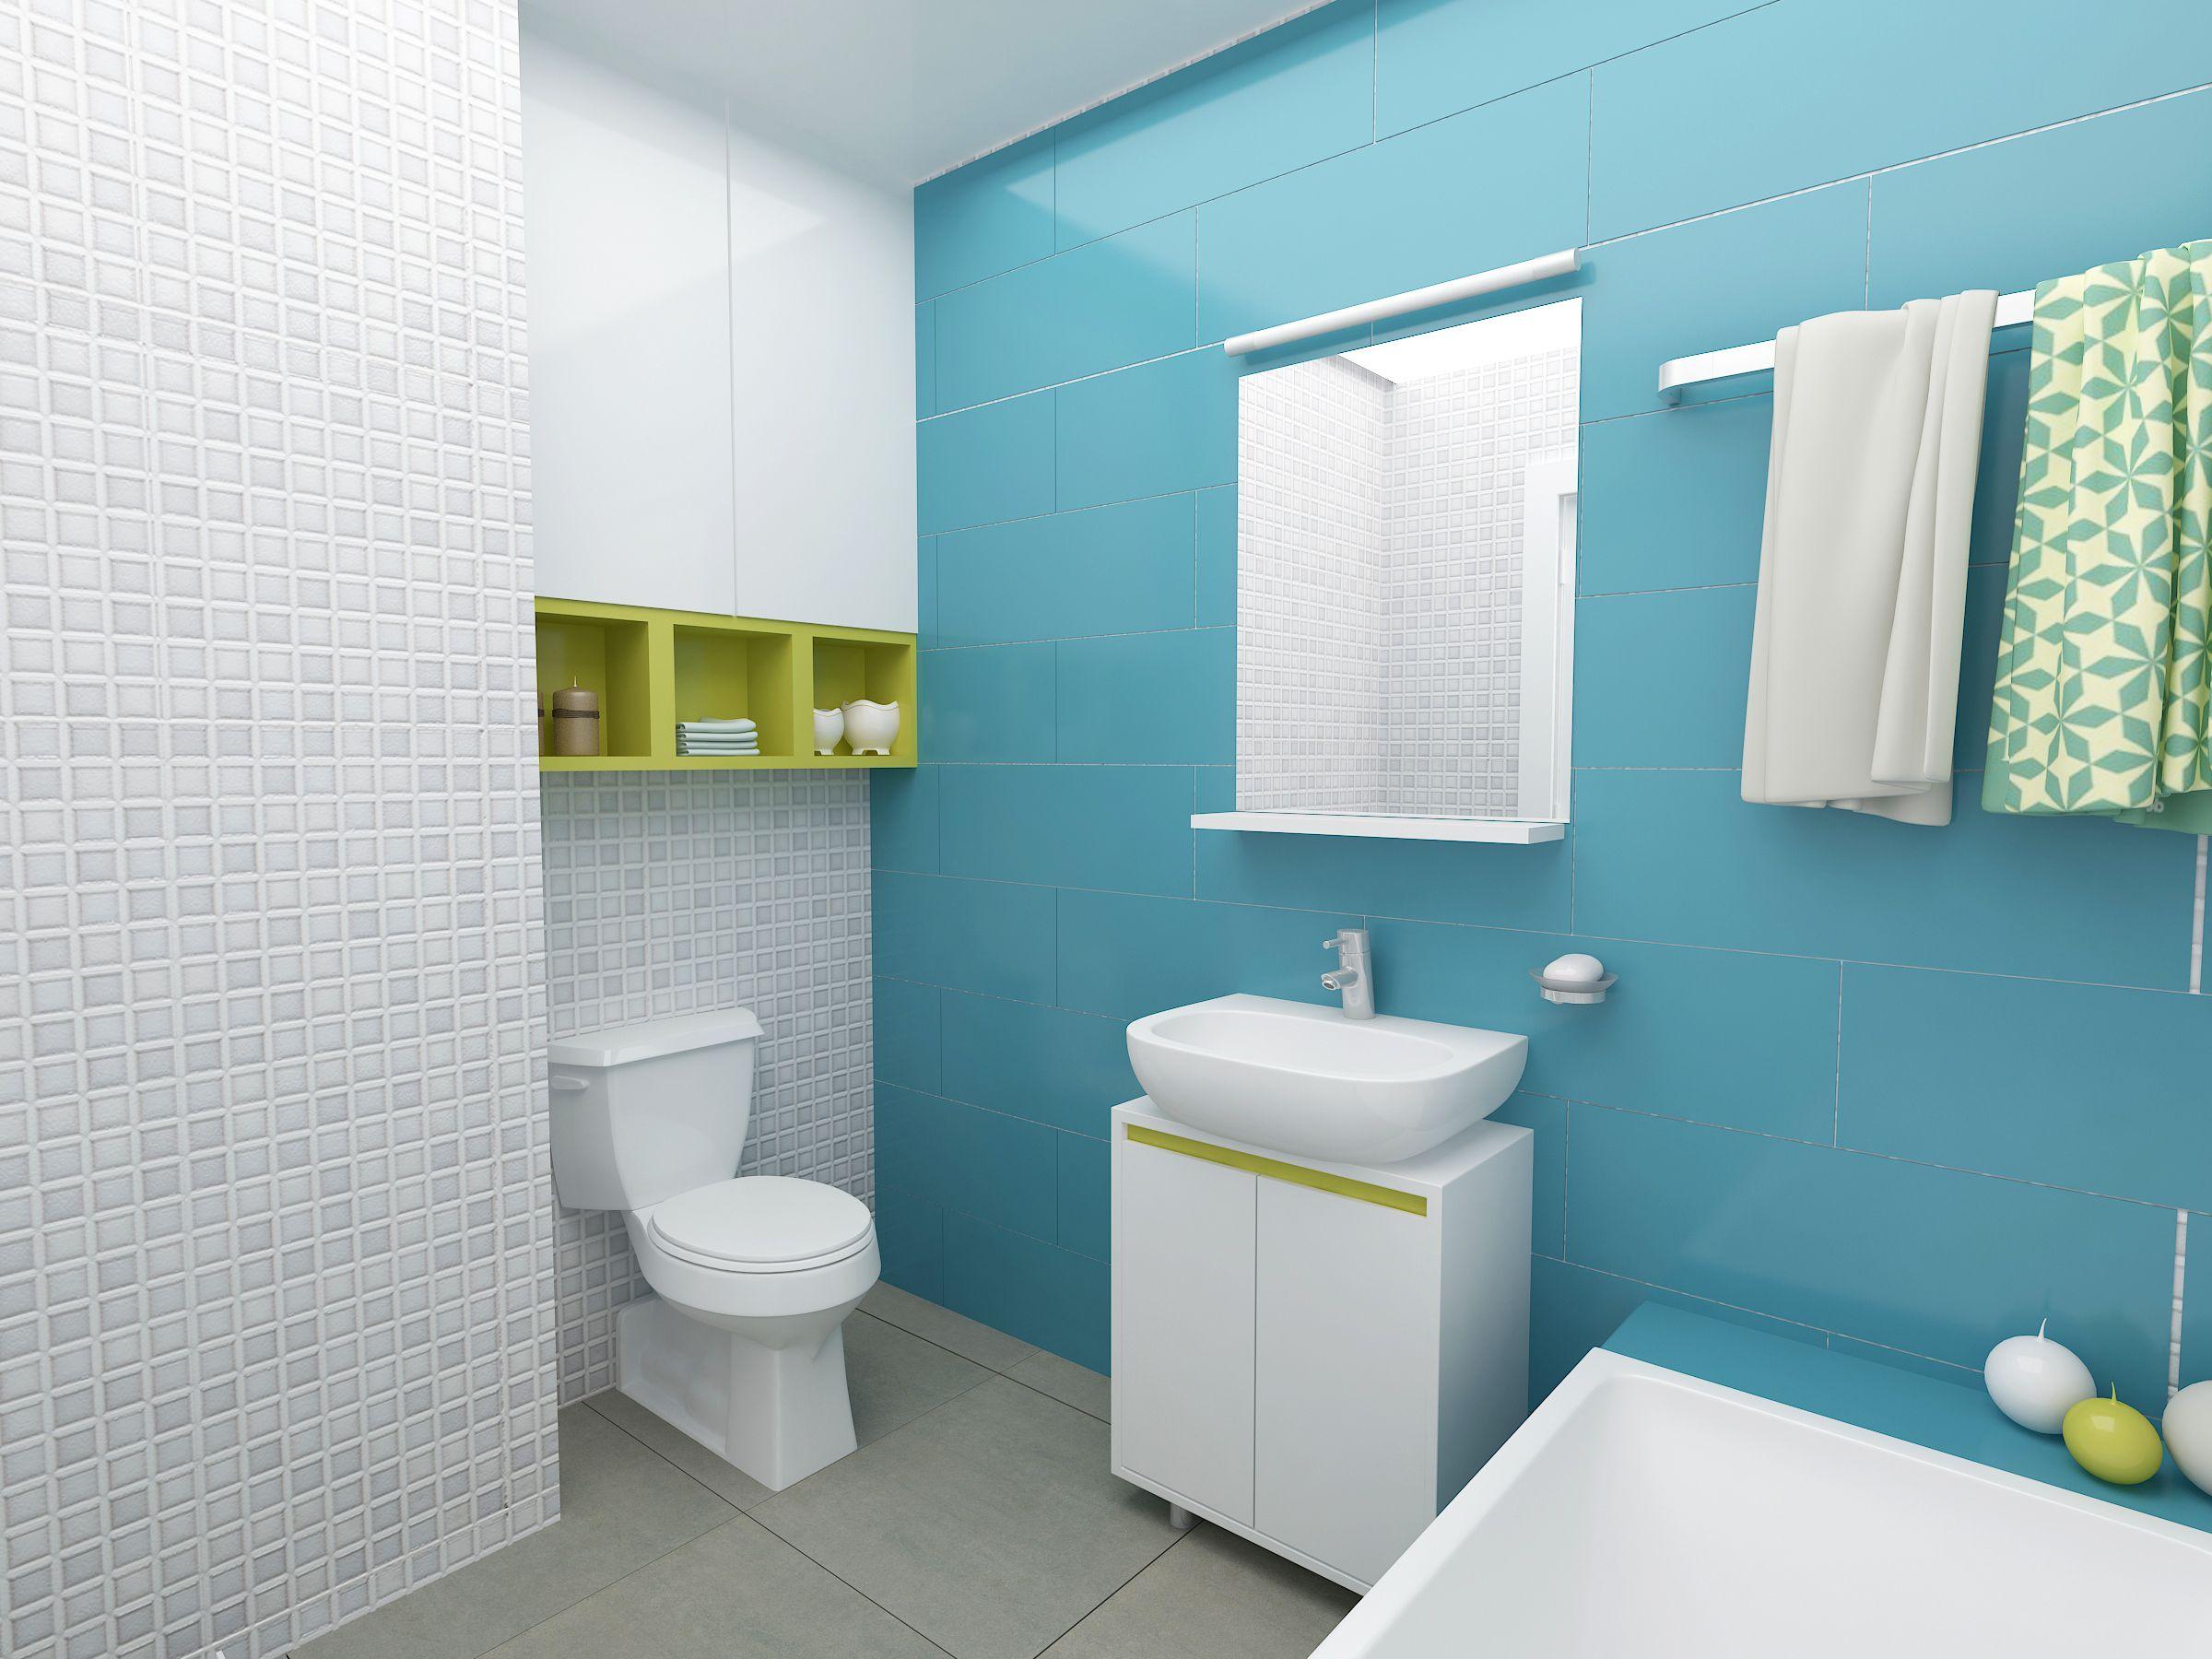 Trucos para aprovechar el espacio en el cuarto de baño